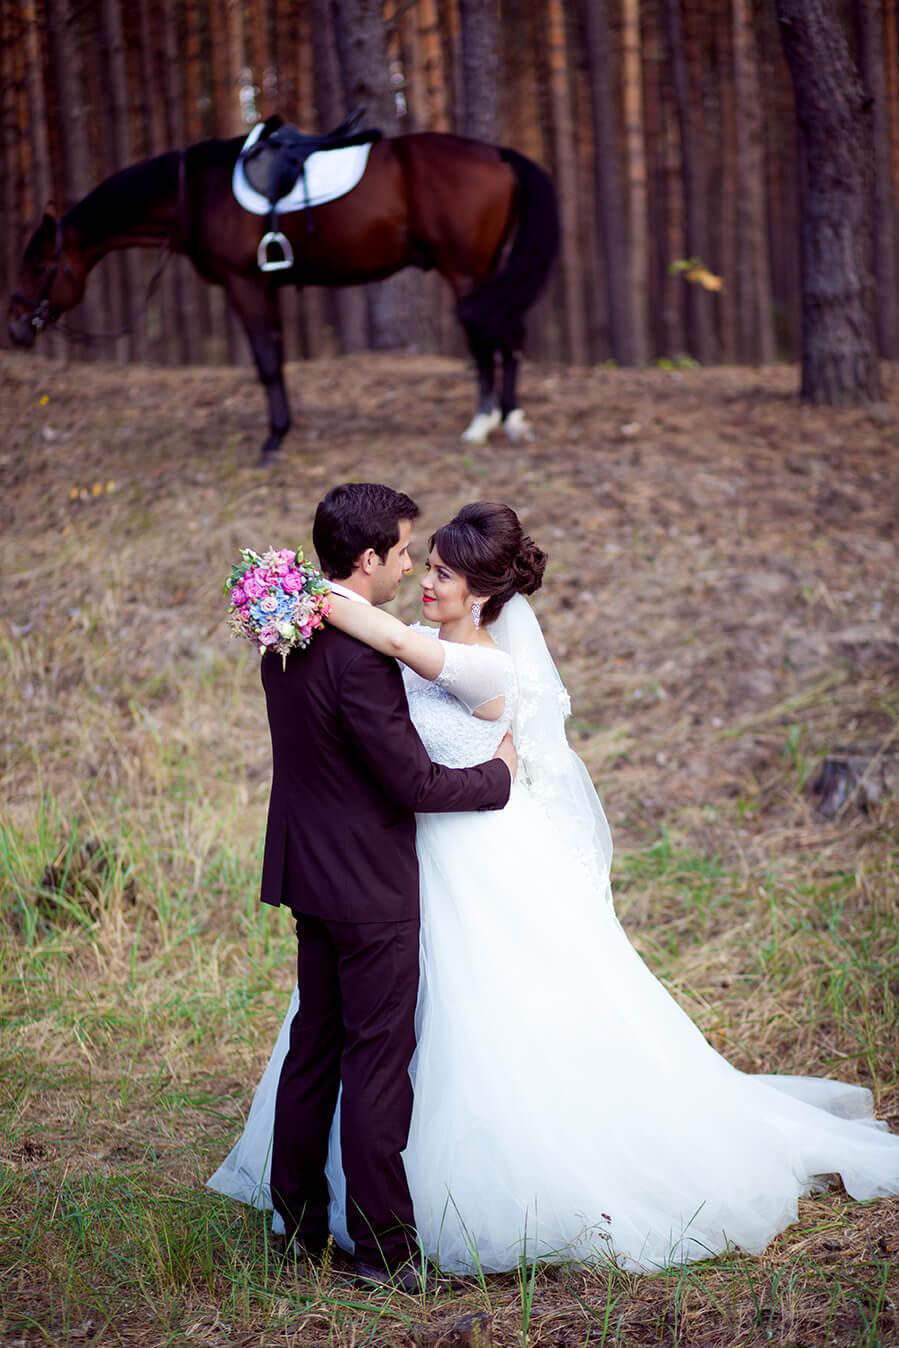 7-konnaja-fotosessija-kiev-semejnyj-detskij-svadebnyj-fotograf-7